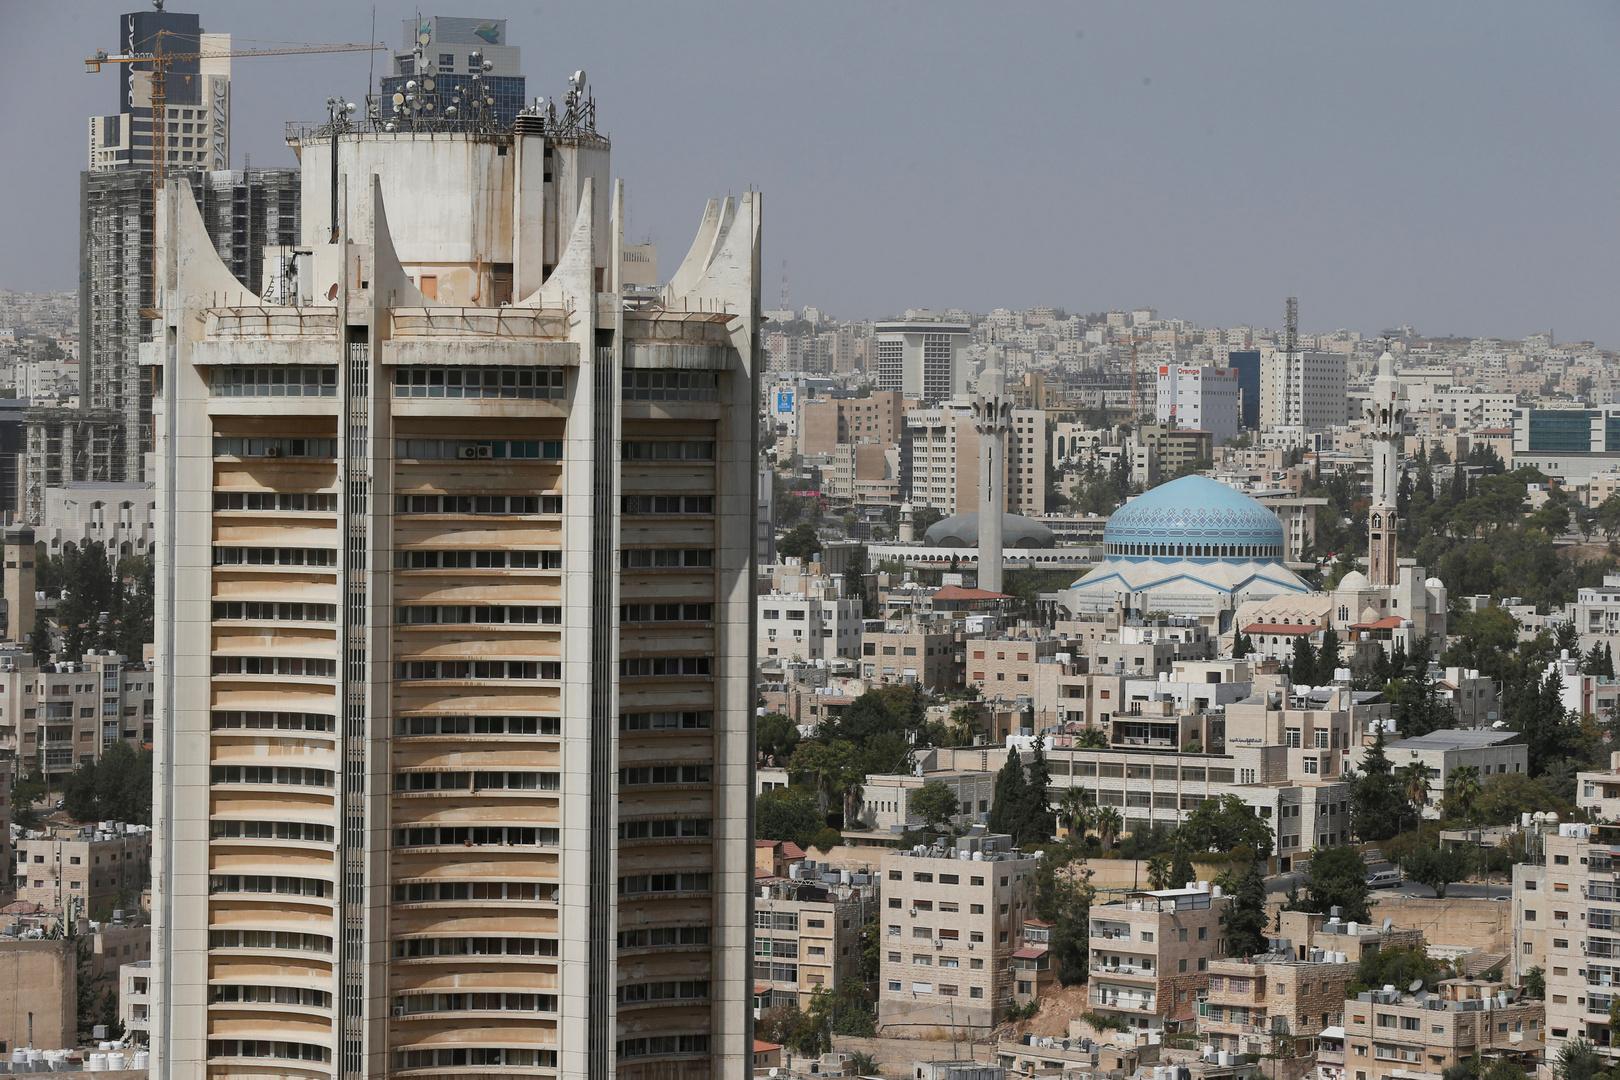 النيابة الأردنية تباشر التحقيق في مقطع  فيديو يظهر اعتداء على مواطنة أردنية بدولة عربية